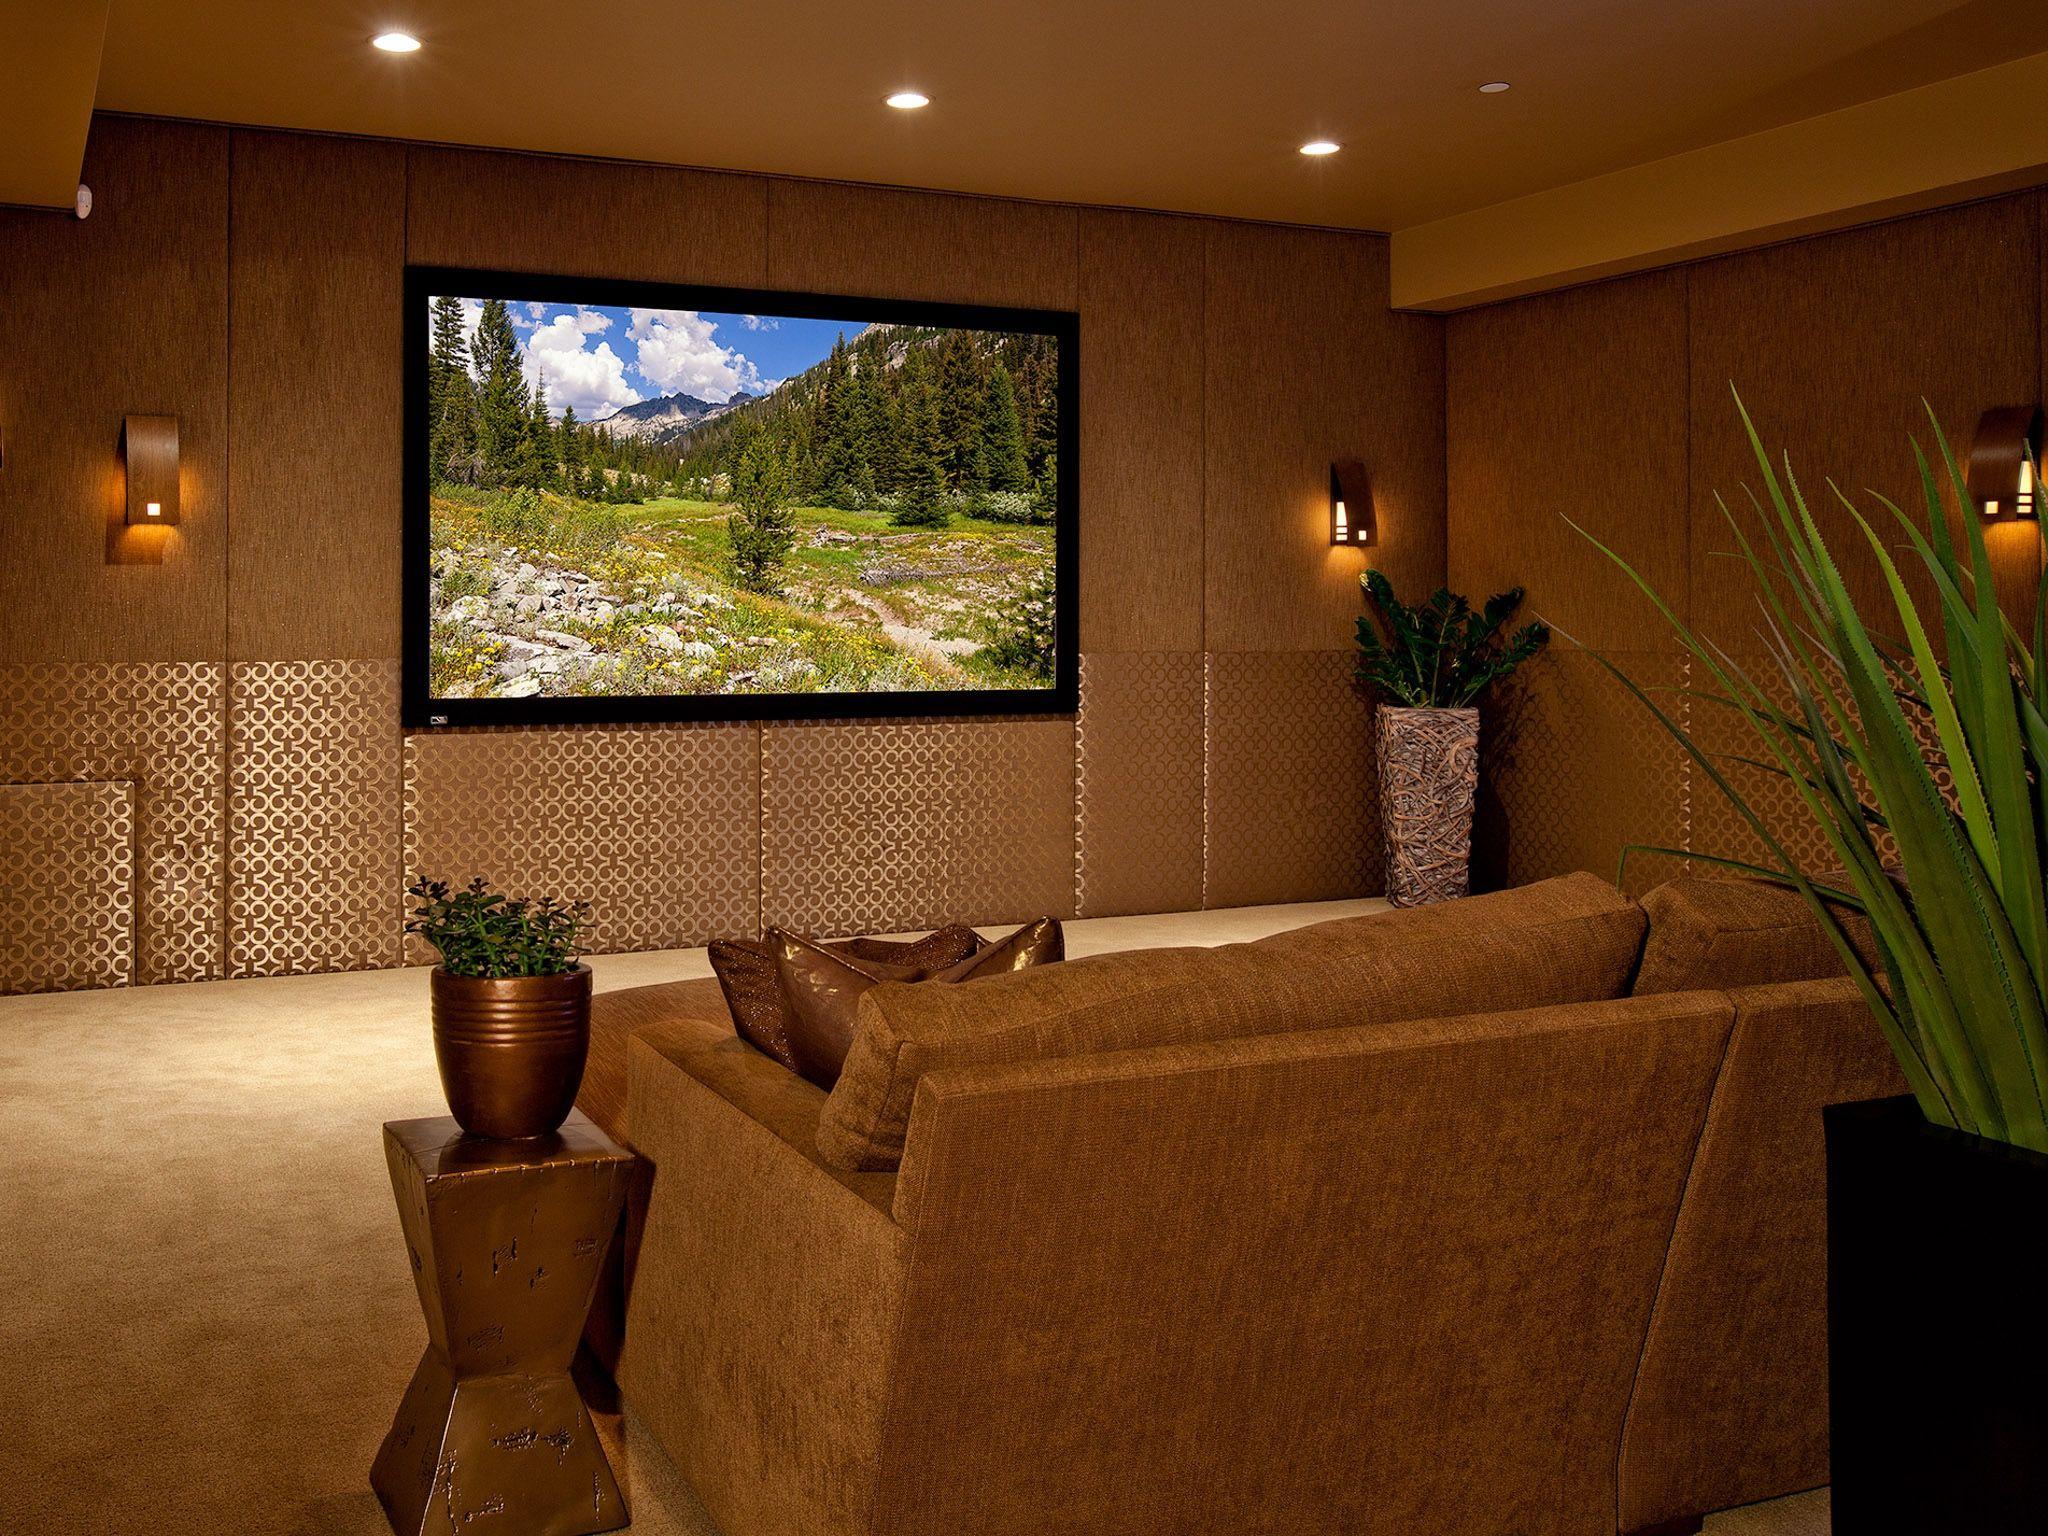 Entertainment Zimmer Dekor und Einrichtung für die Neue Heimat ...